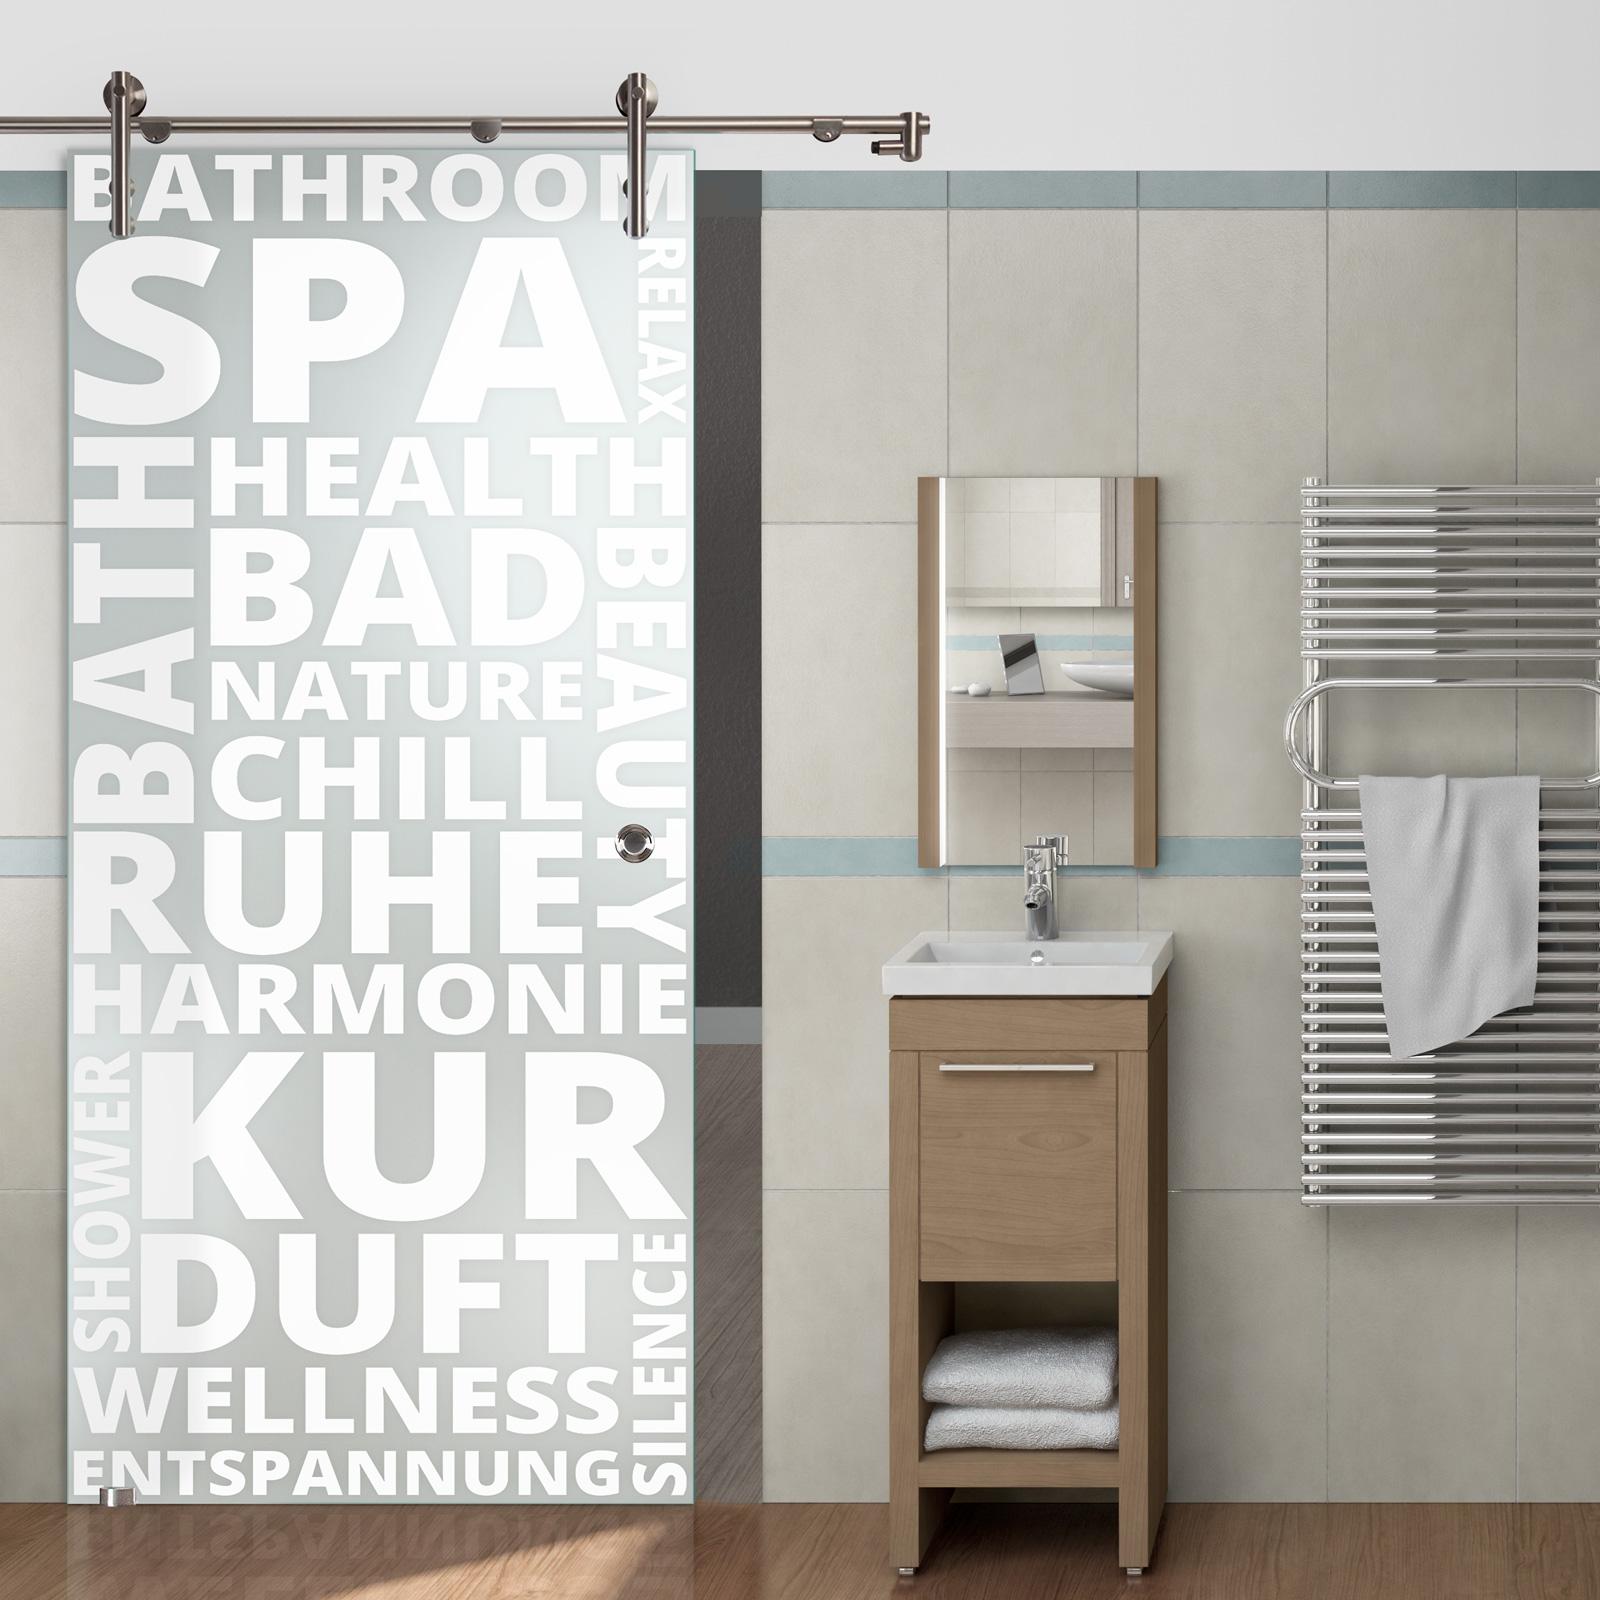 schiebetüren badezimmer | jtleigh.com - hausgestaltung ideen - Schiebetür Für Badezimmer